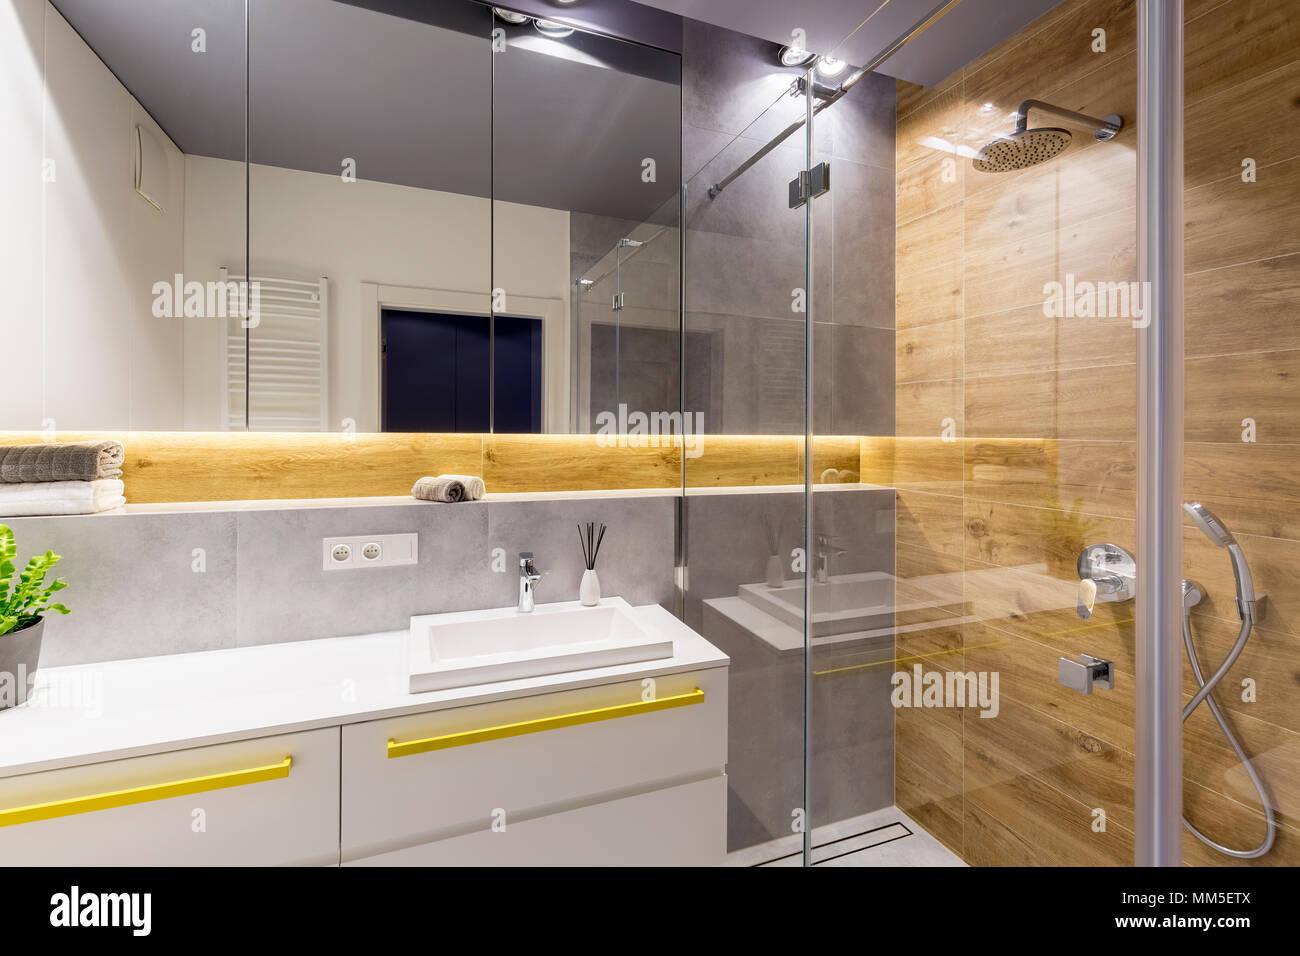 Glas Dusche Neben Einem Spiegel Und Waschbecken Im Modernen